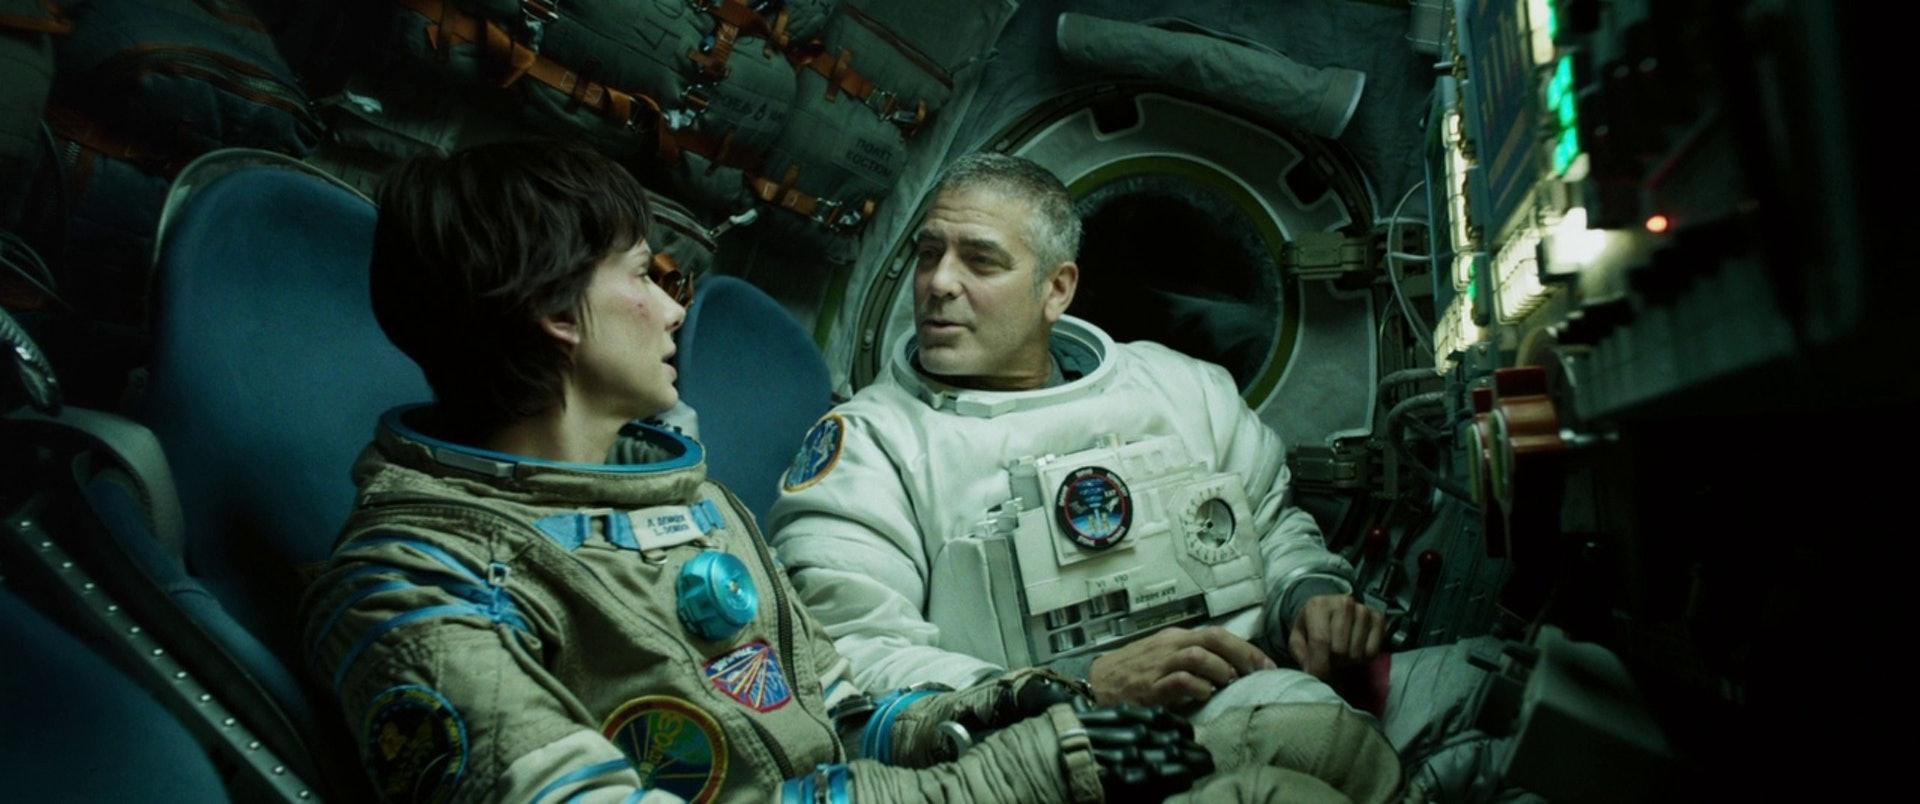 佐治古尼亦曾在《引力邊緣》中扮演太空人(《引力邊緣》劇照)